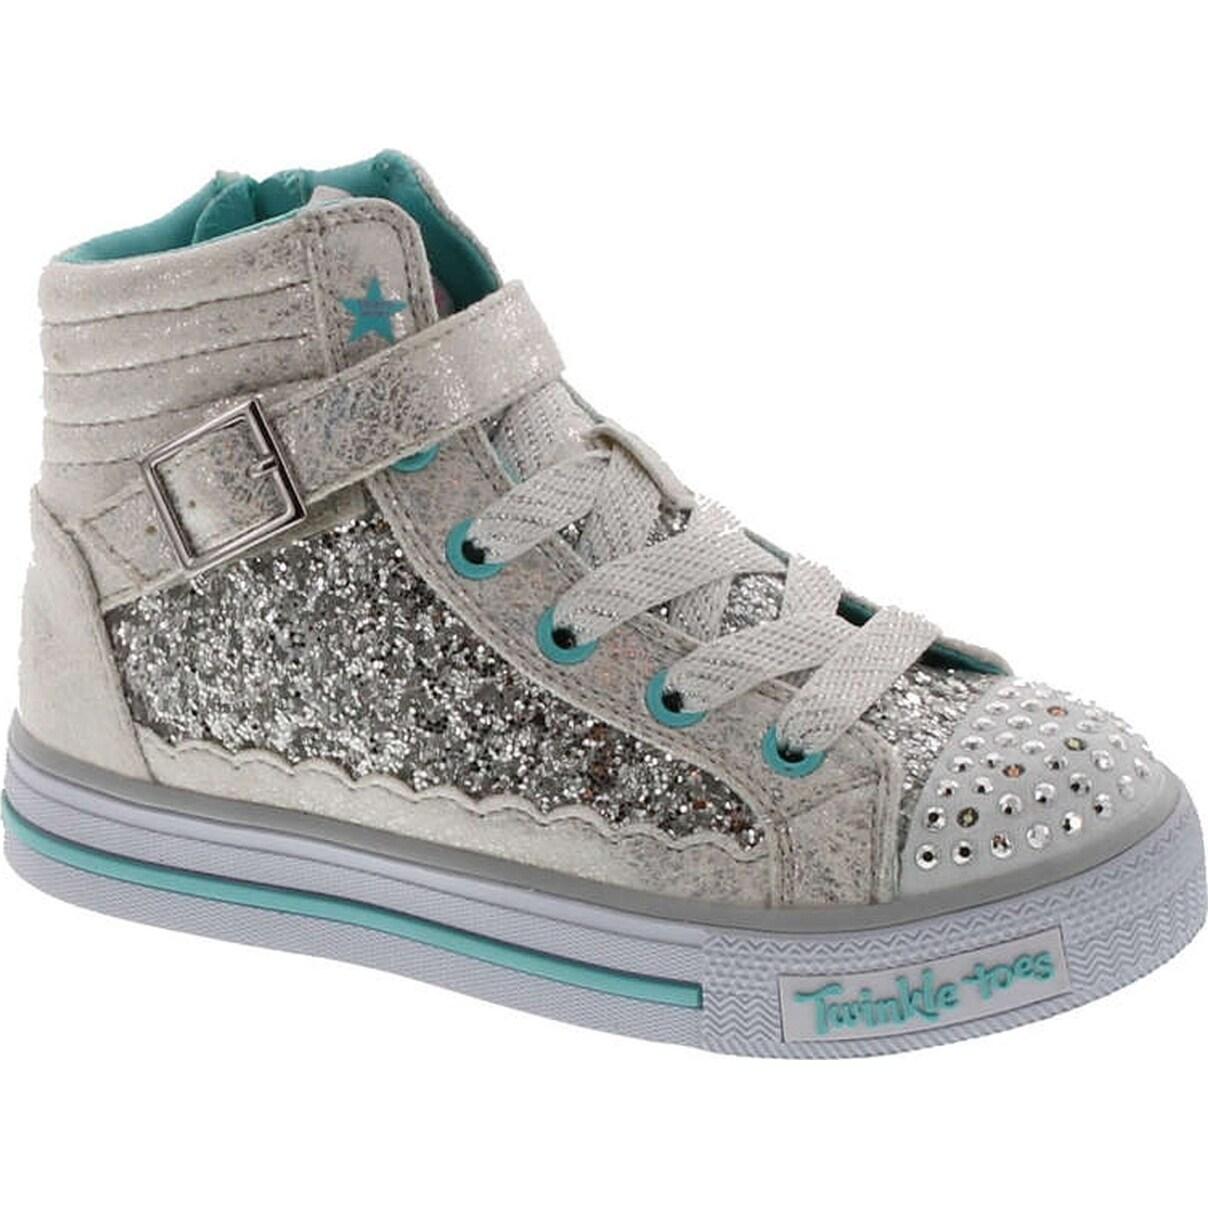 Shop Skechers Kids' Shuffles-Glitter